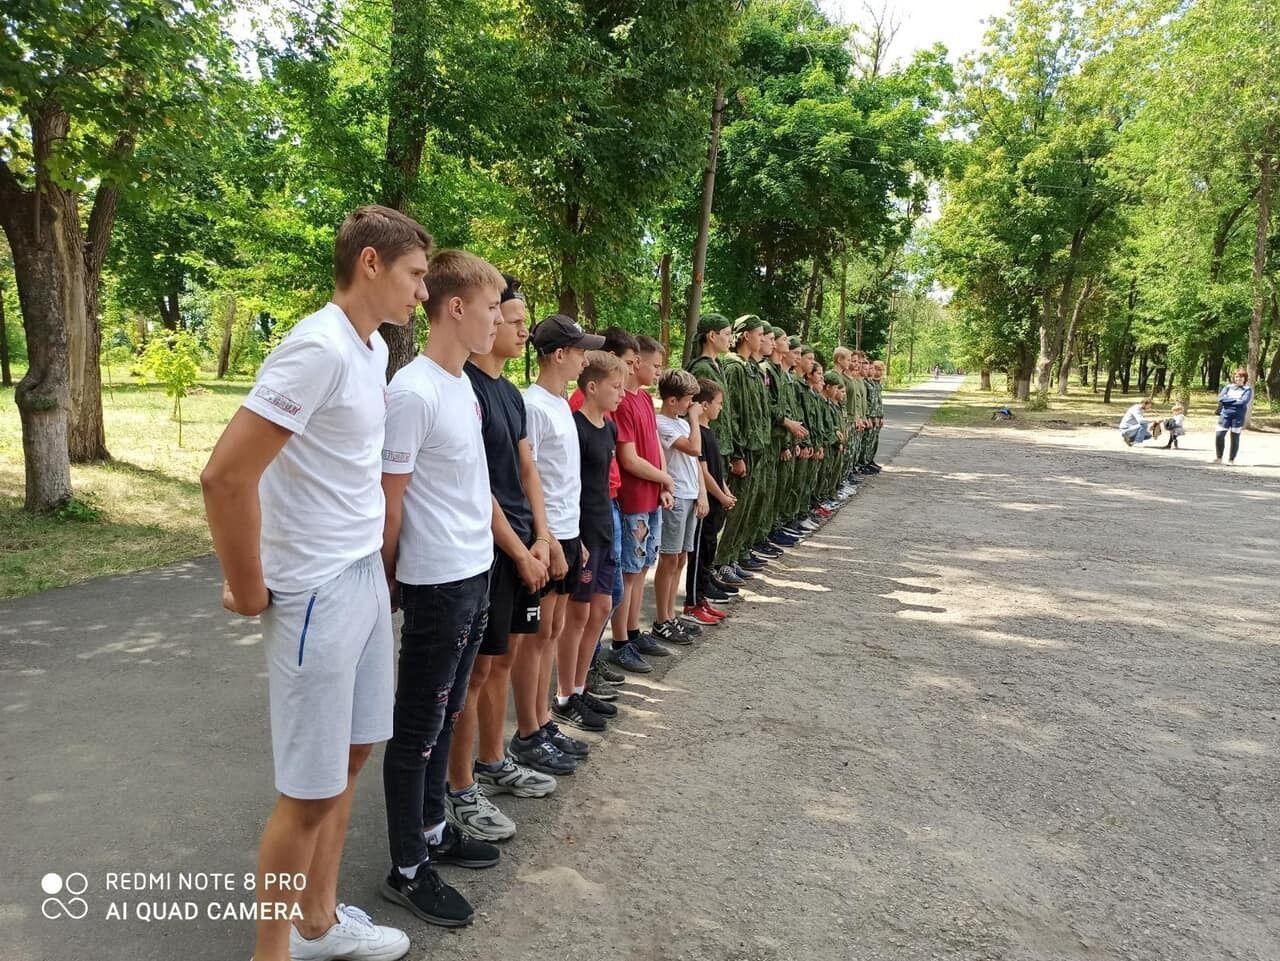 Змагання проходили в трьох категоріях: 12-13 років, 14-15 років та 16-17 років